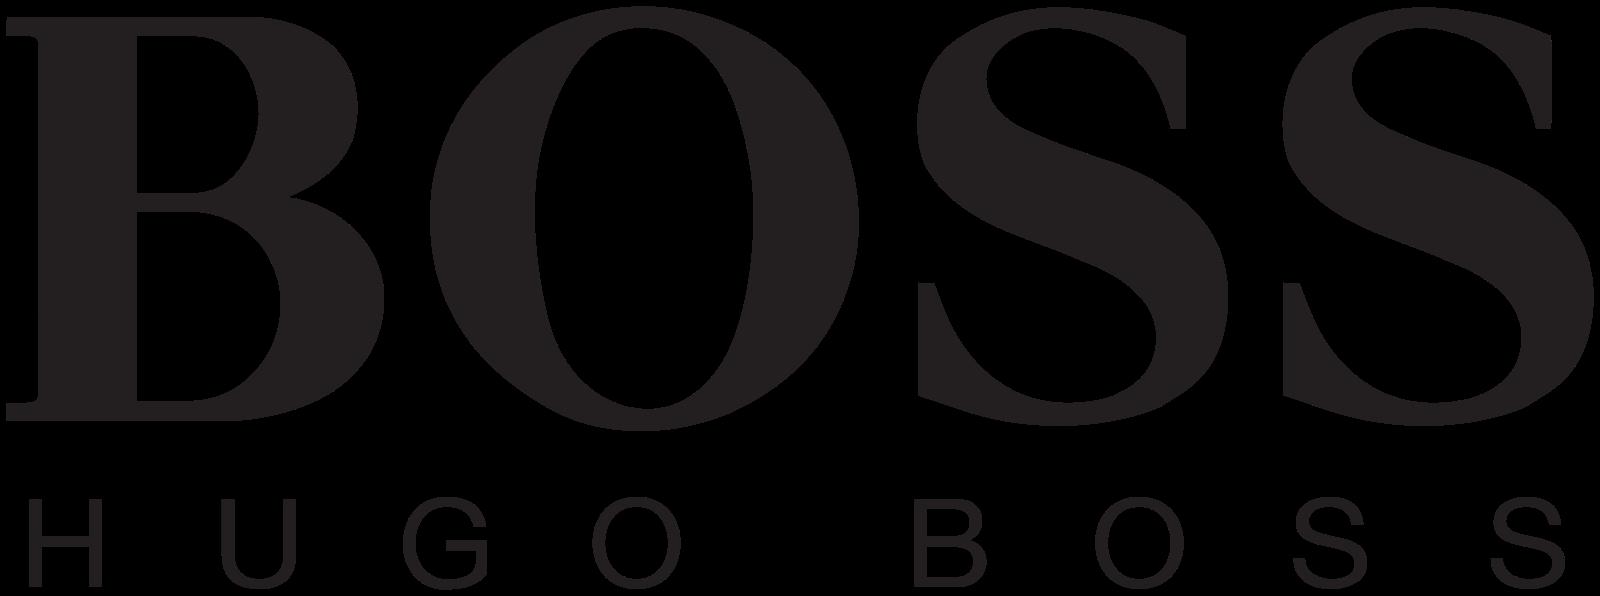 Hugo Boss Logo.